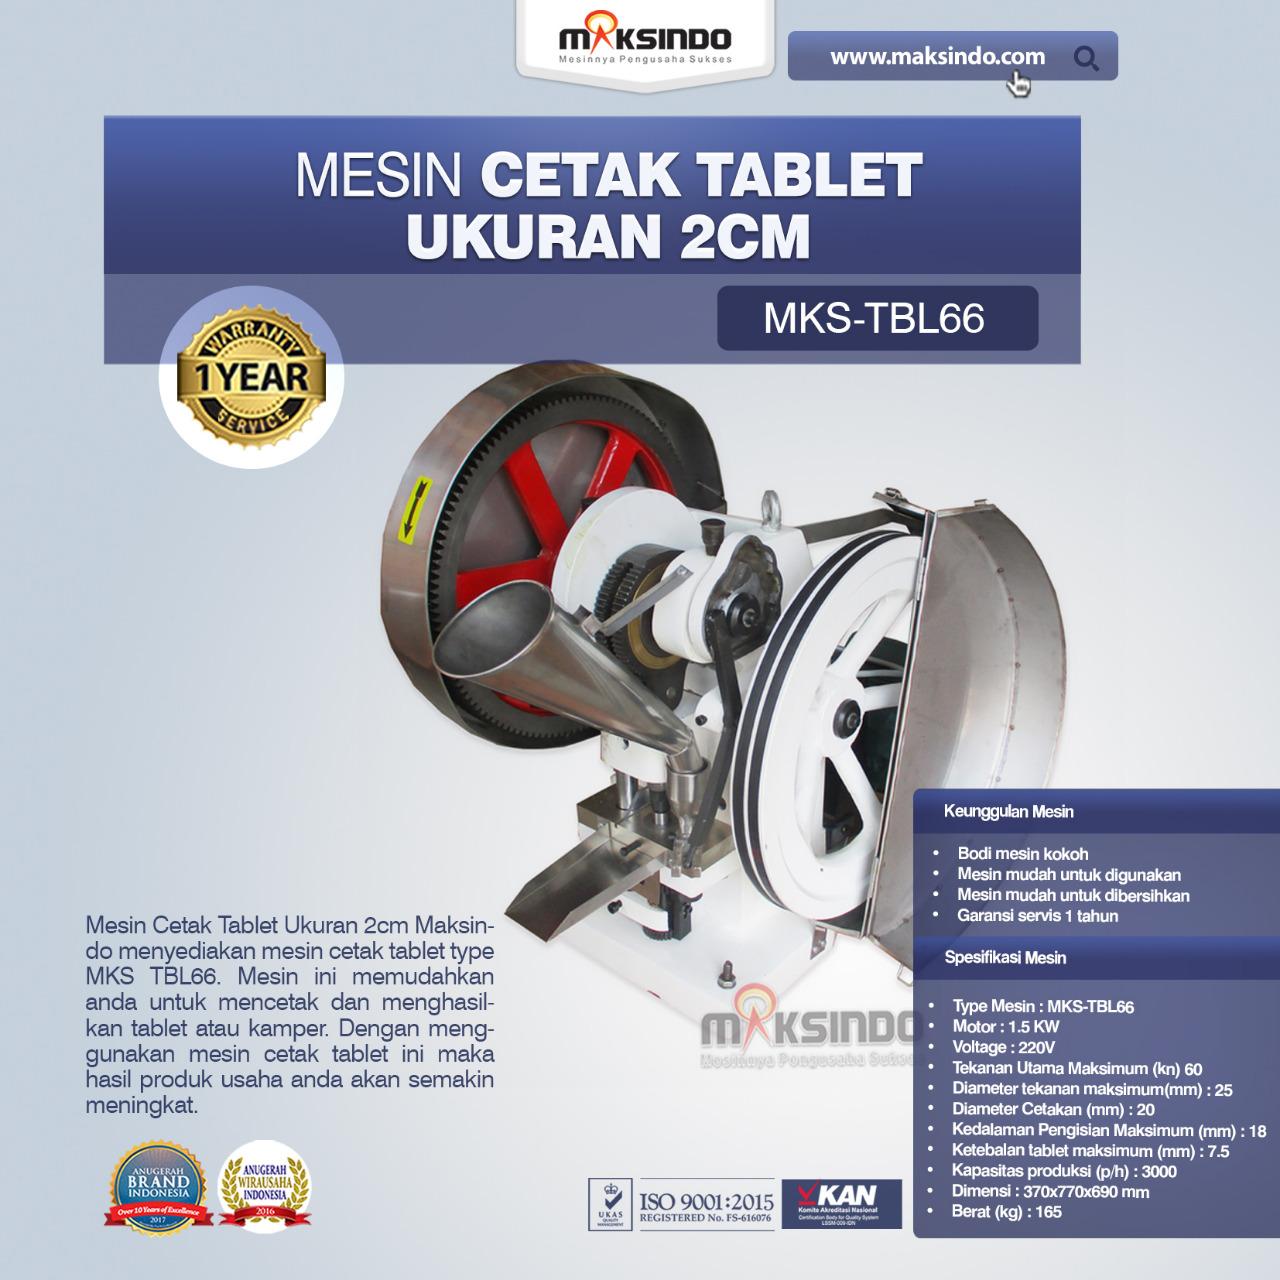 Jual Mesin Cetak Tablet Ukuran 2 Cm MKS-TBL66 di Yogyakarta